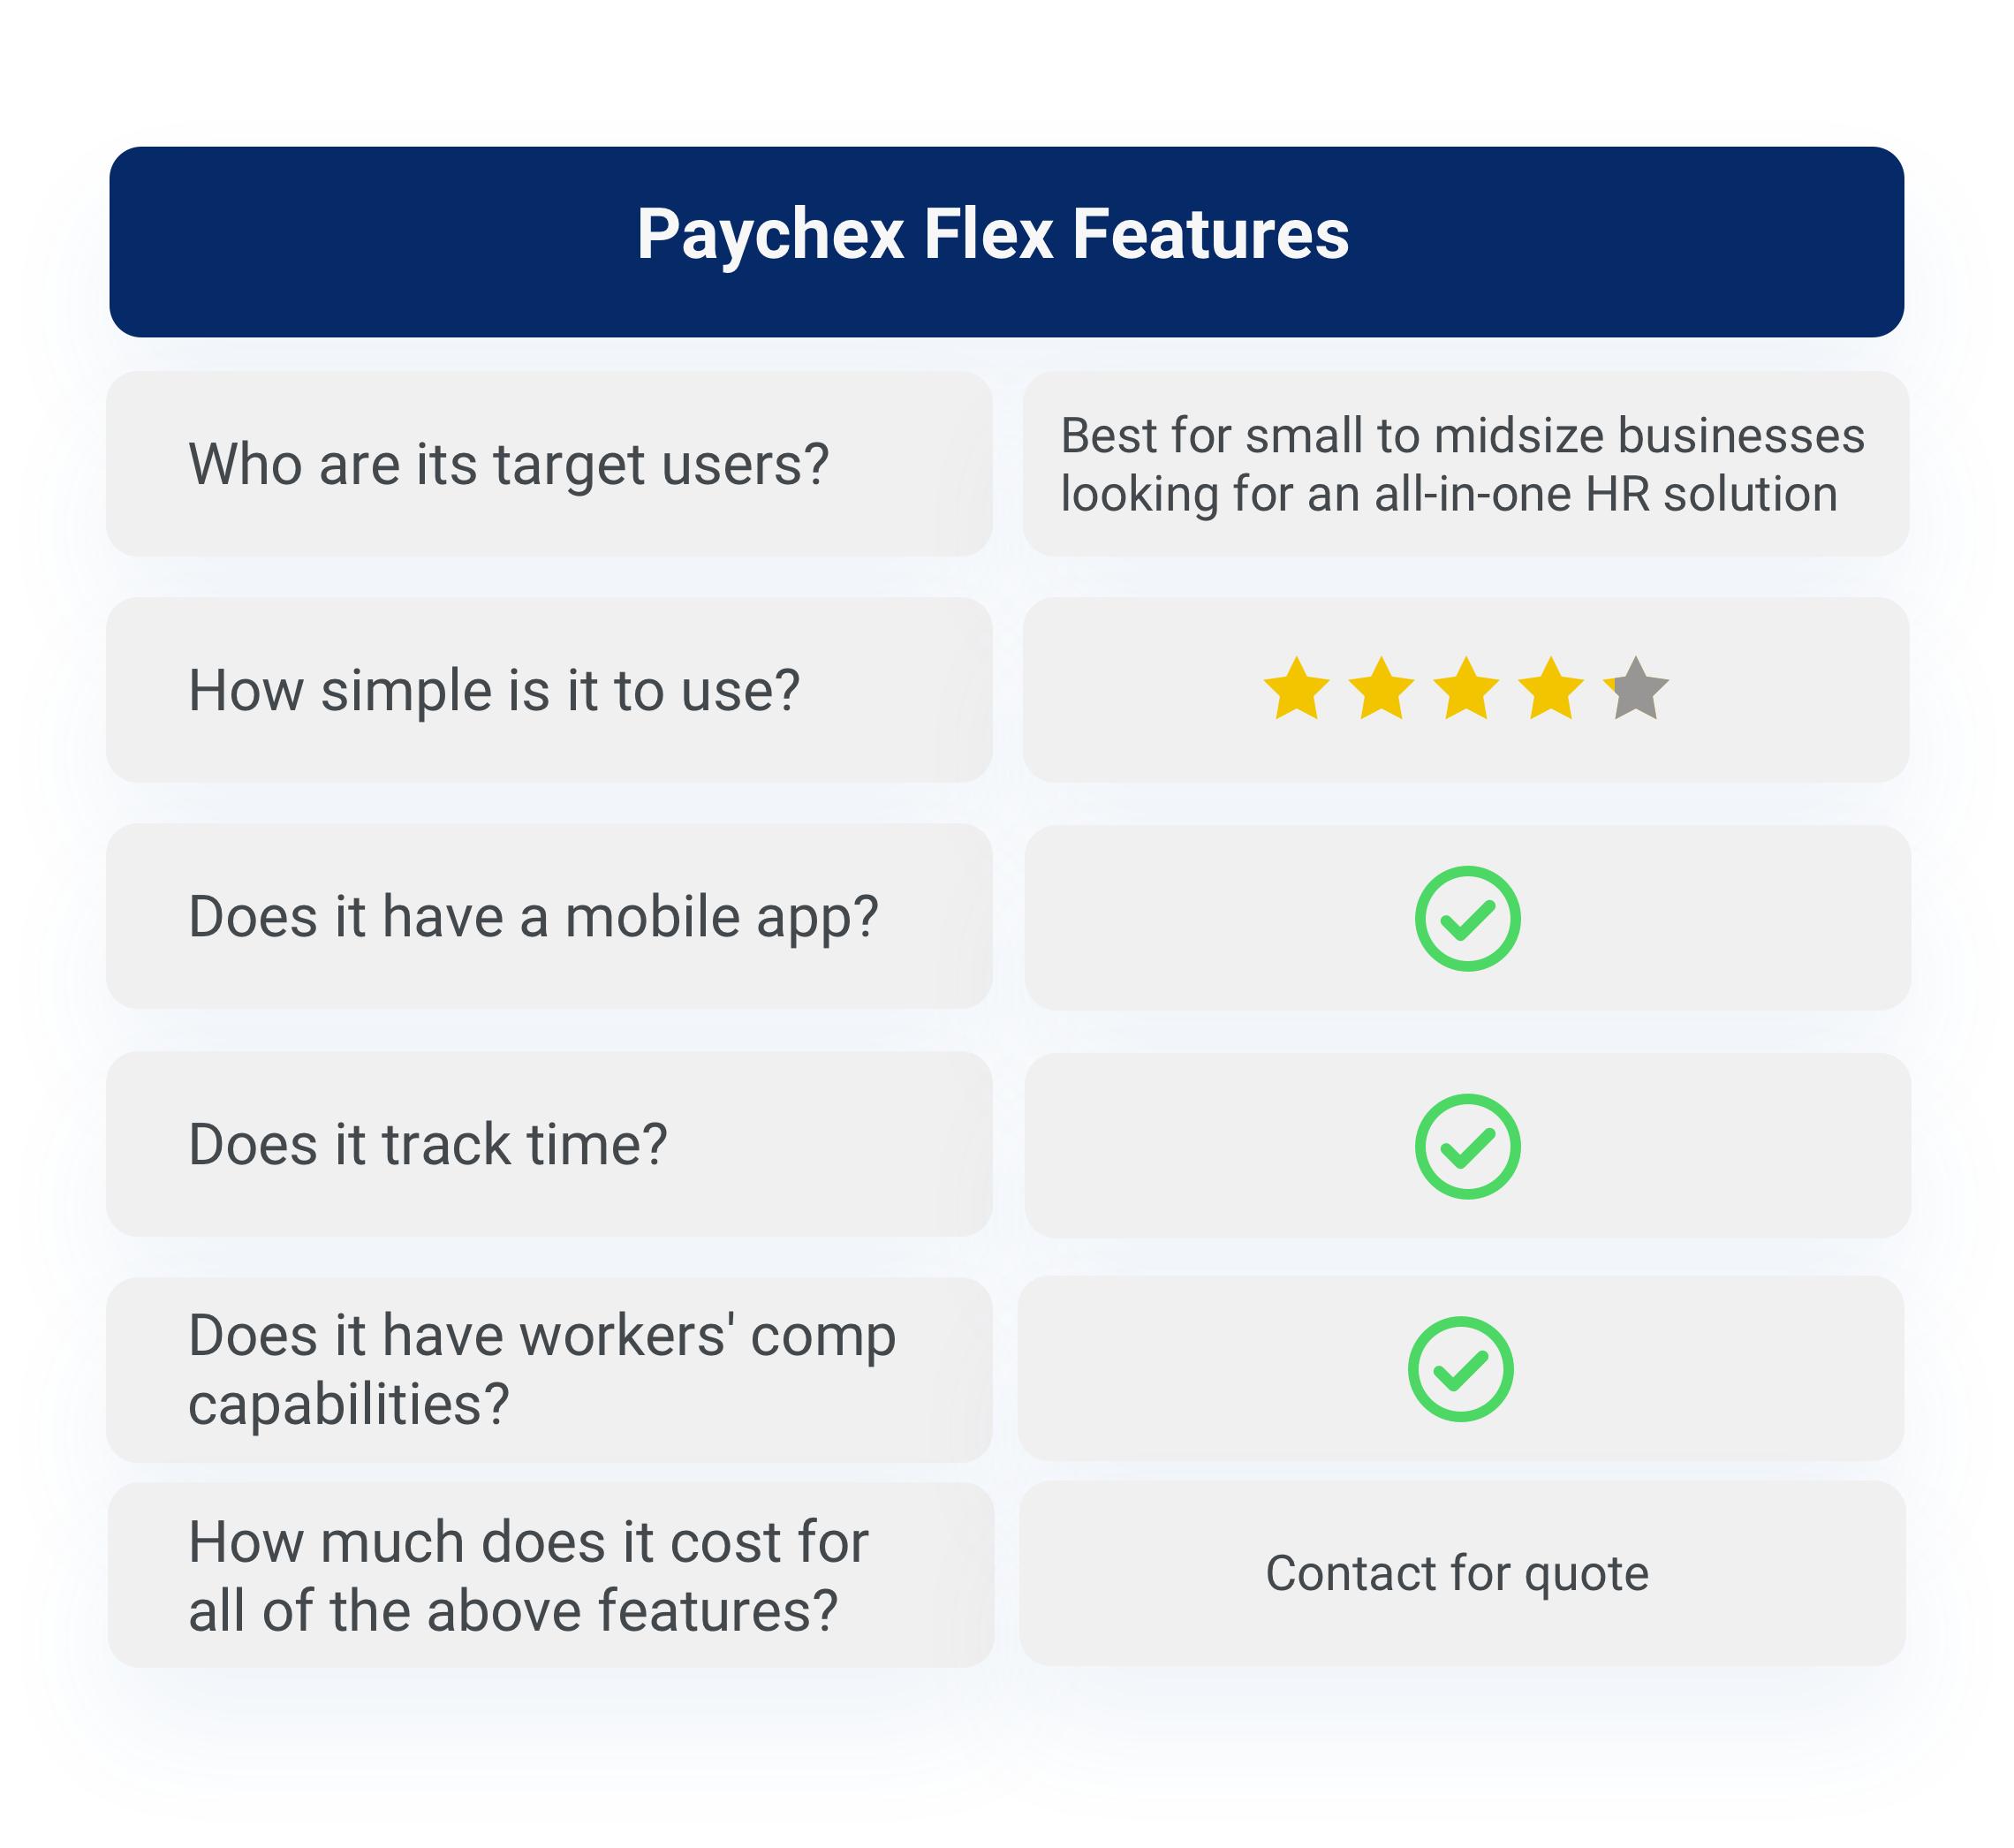 Paychex Flex features breakdown